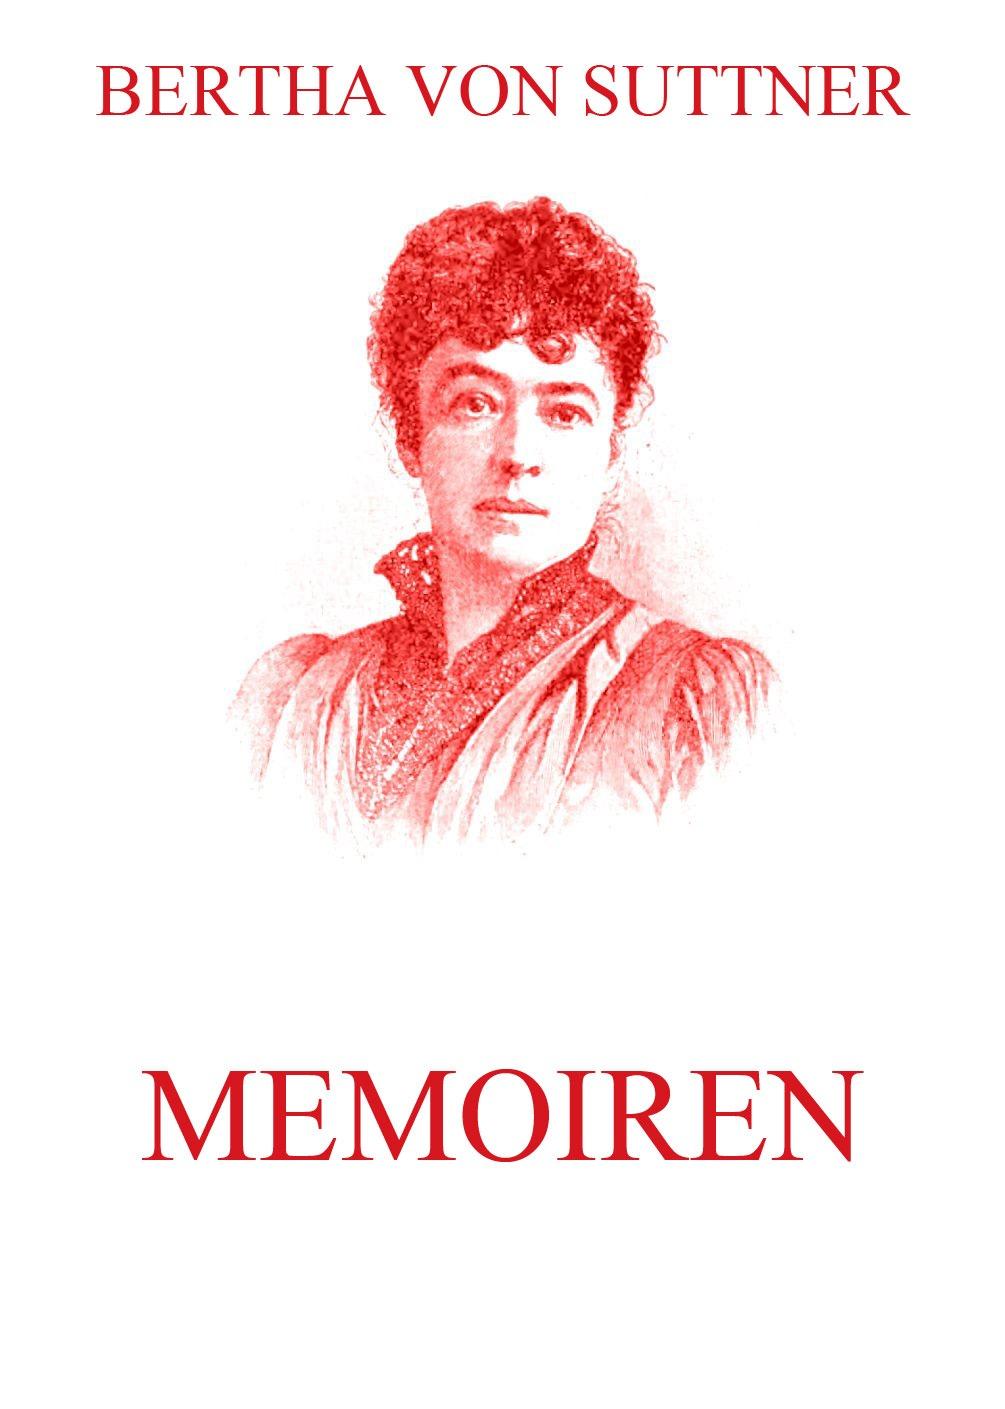 Bertha von Suttner Memoiren bertha von suttner memoiren der friedensaktivistin und nobelpreisträgerin bertha von suttner